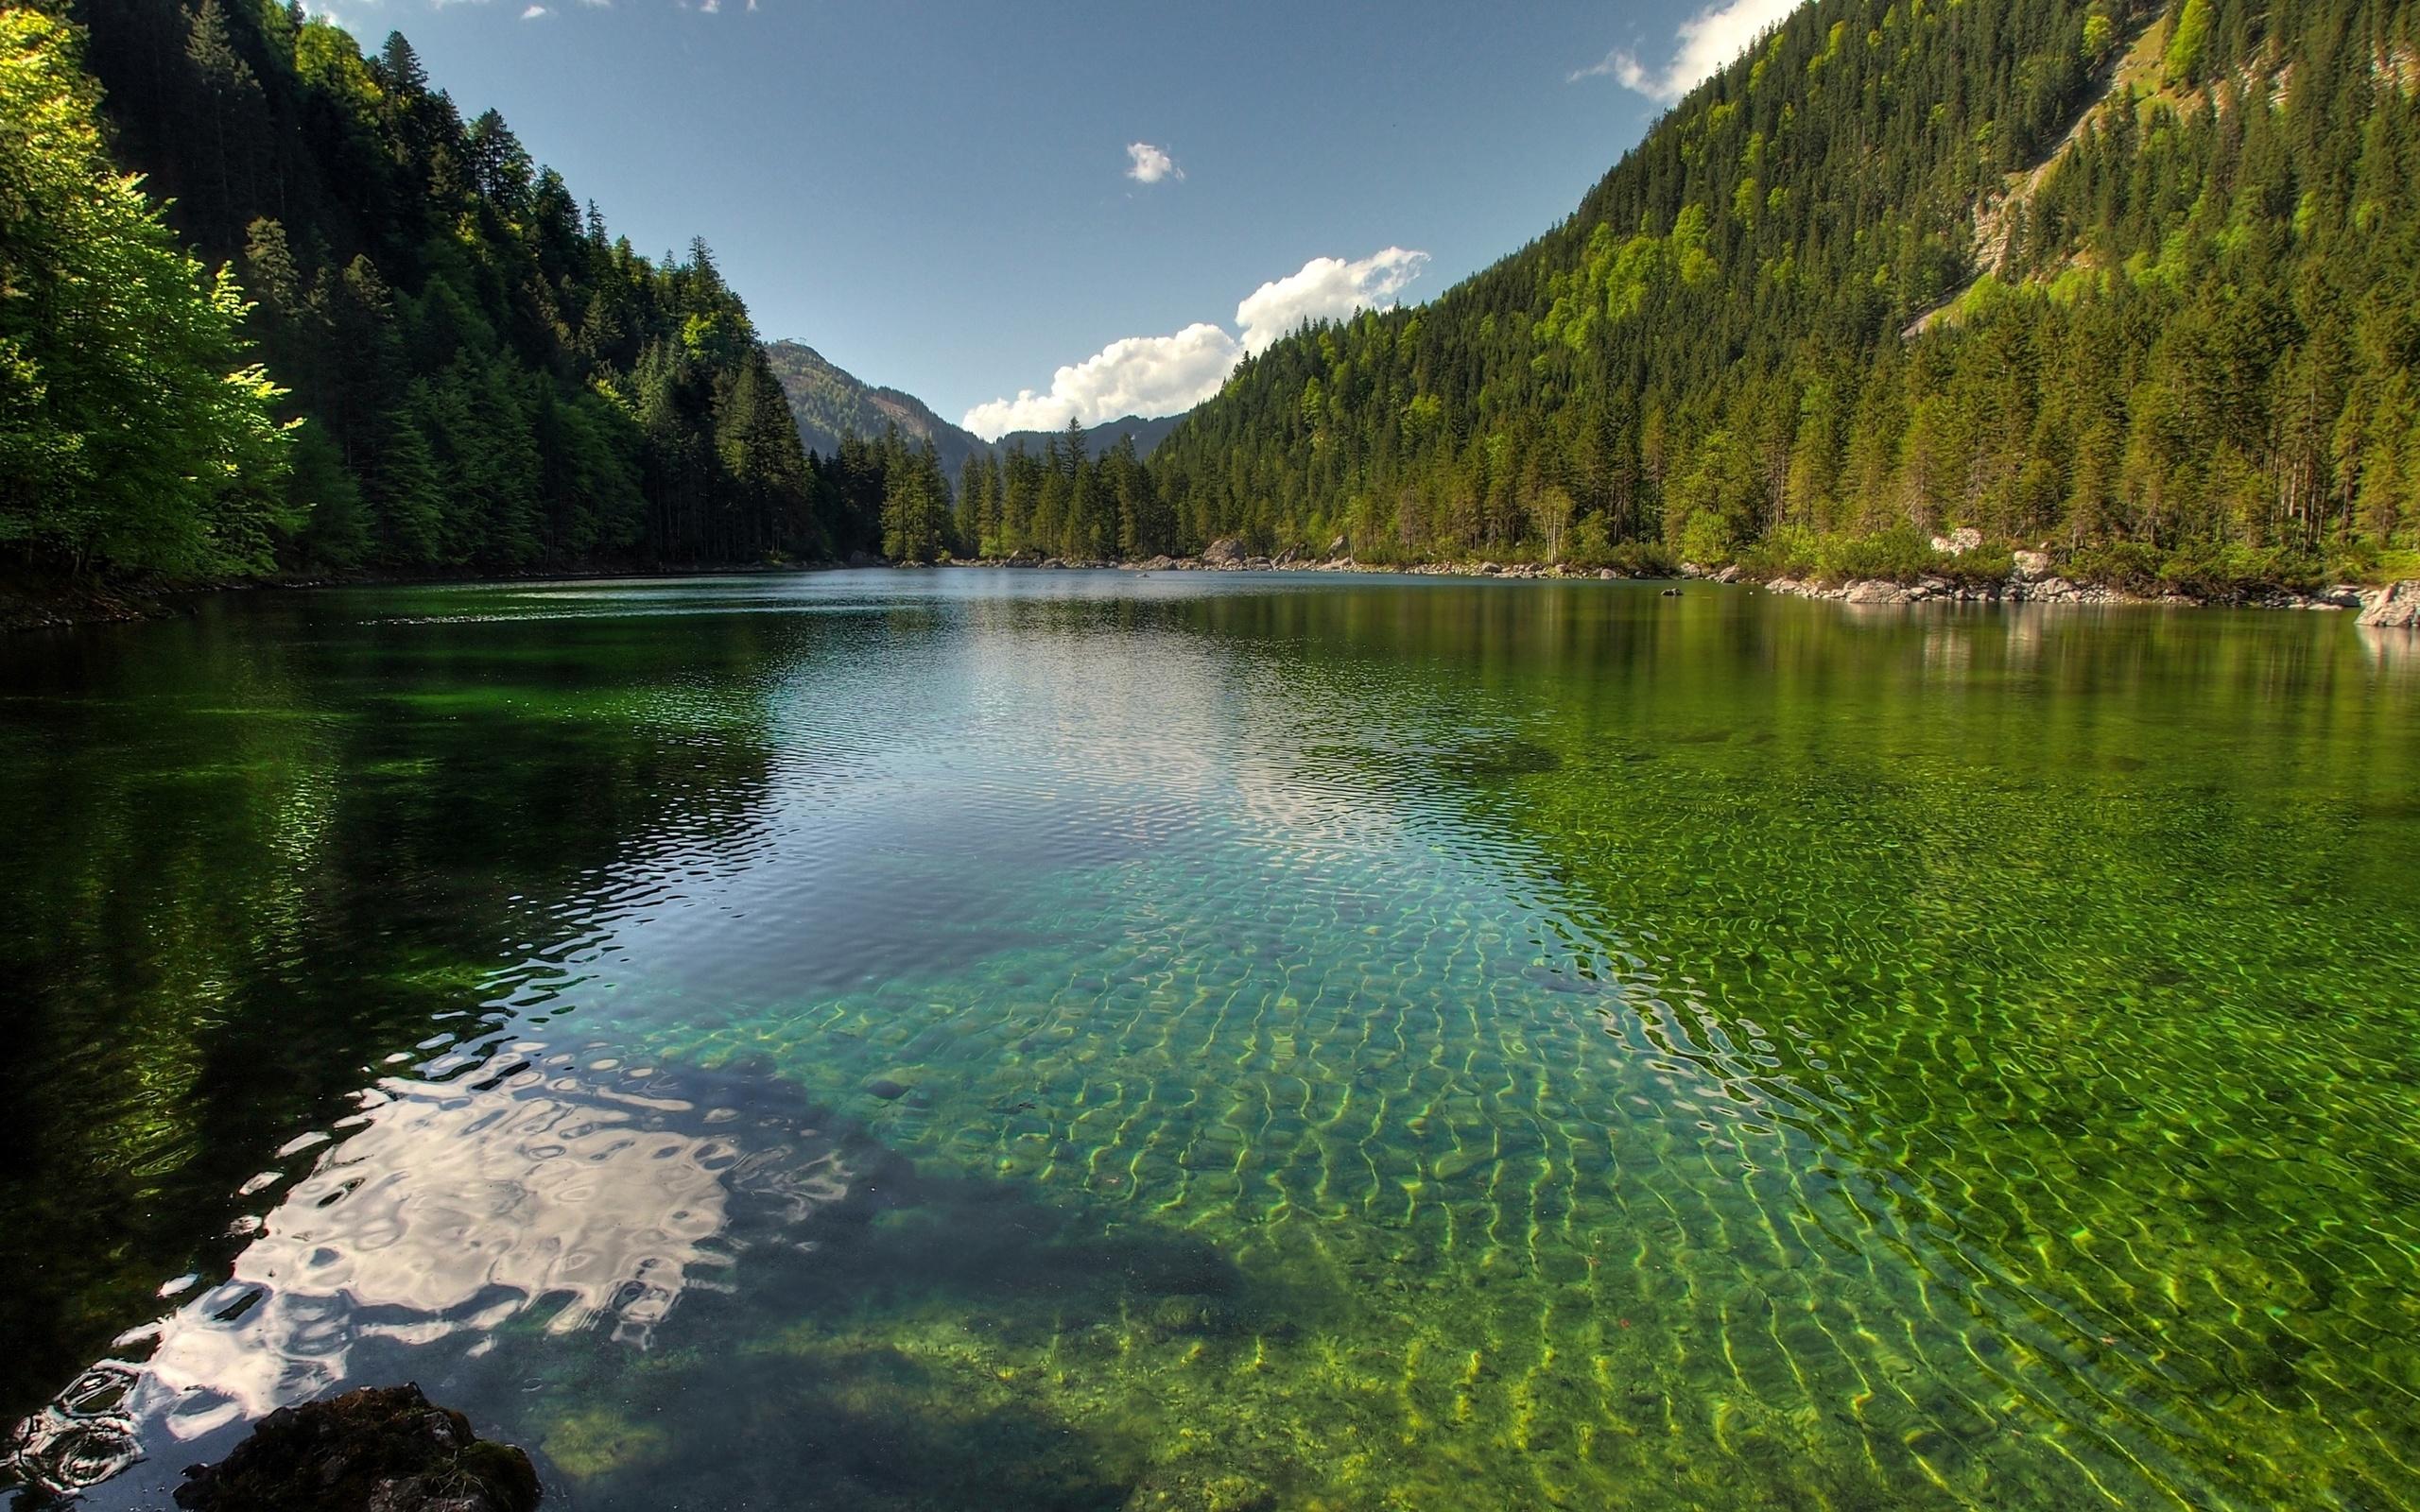 фото картинки озер этом